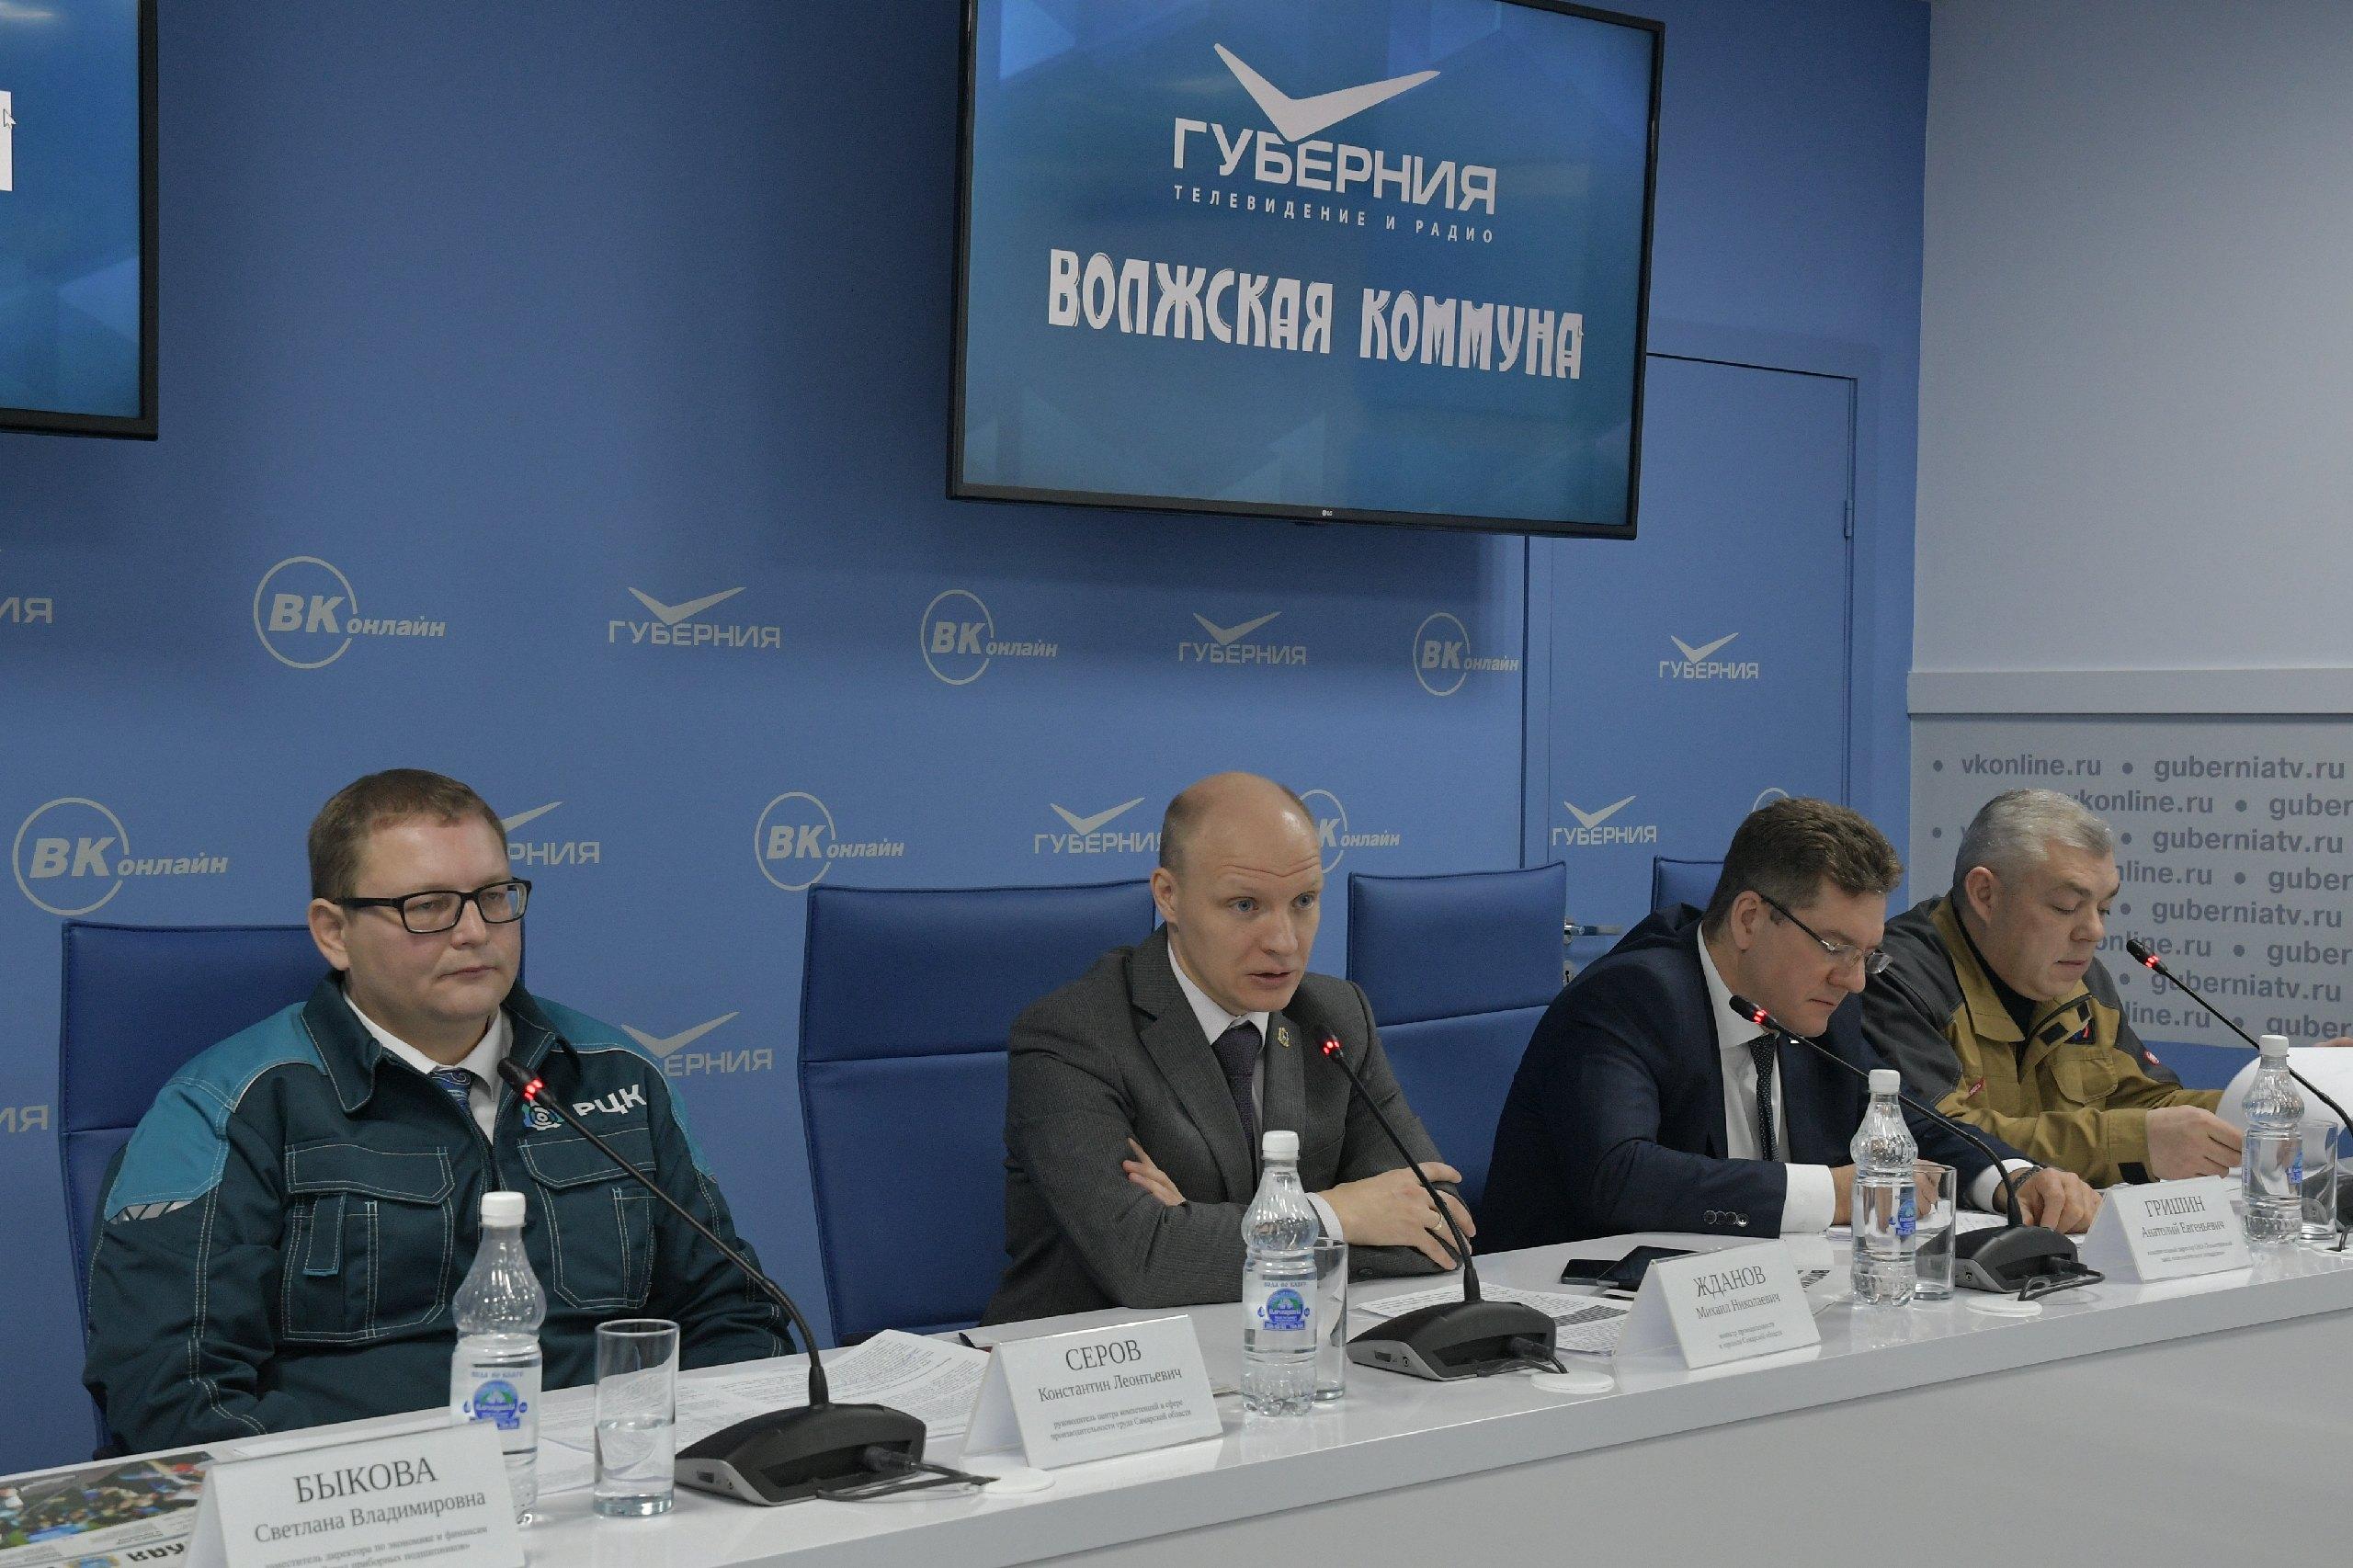 В Самарской области 71 предприятие участвует в нацпроекте по повышению производительности труда